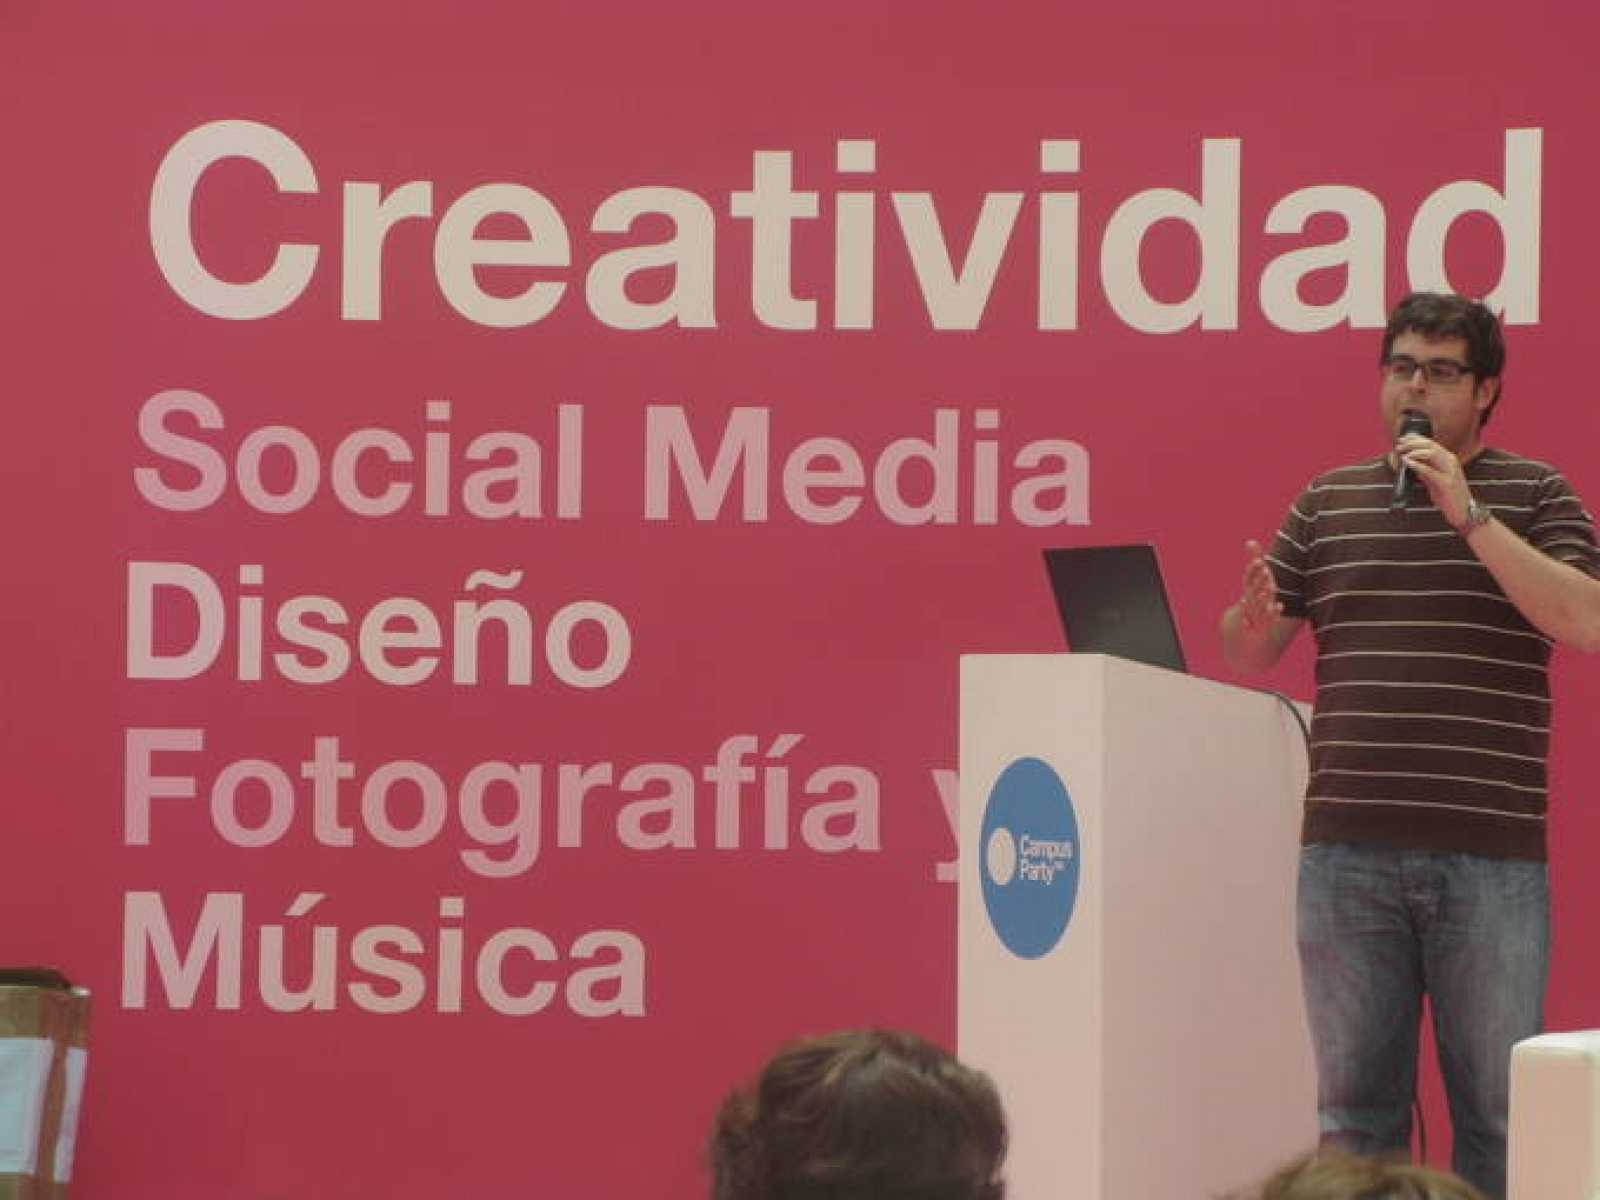 Santi Navarro durante la charla que ha tenido lugar en el escenario de Creatividad del Ágora.